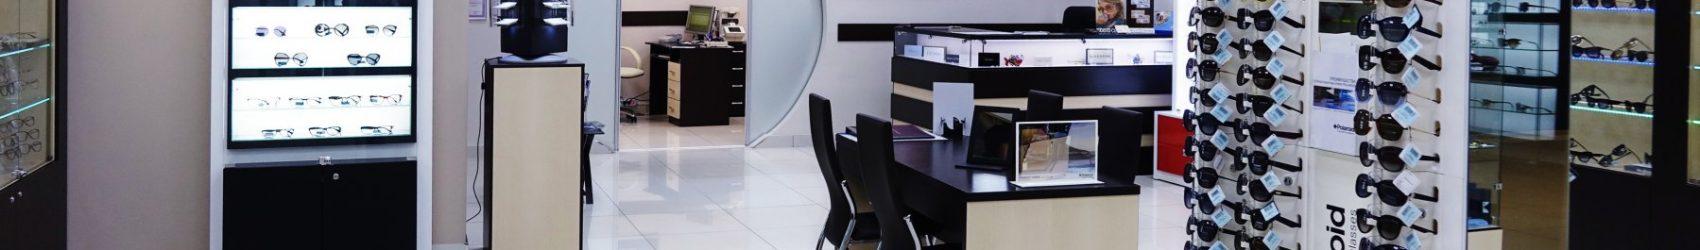 Бизнес-идея: Салон оптики